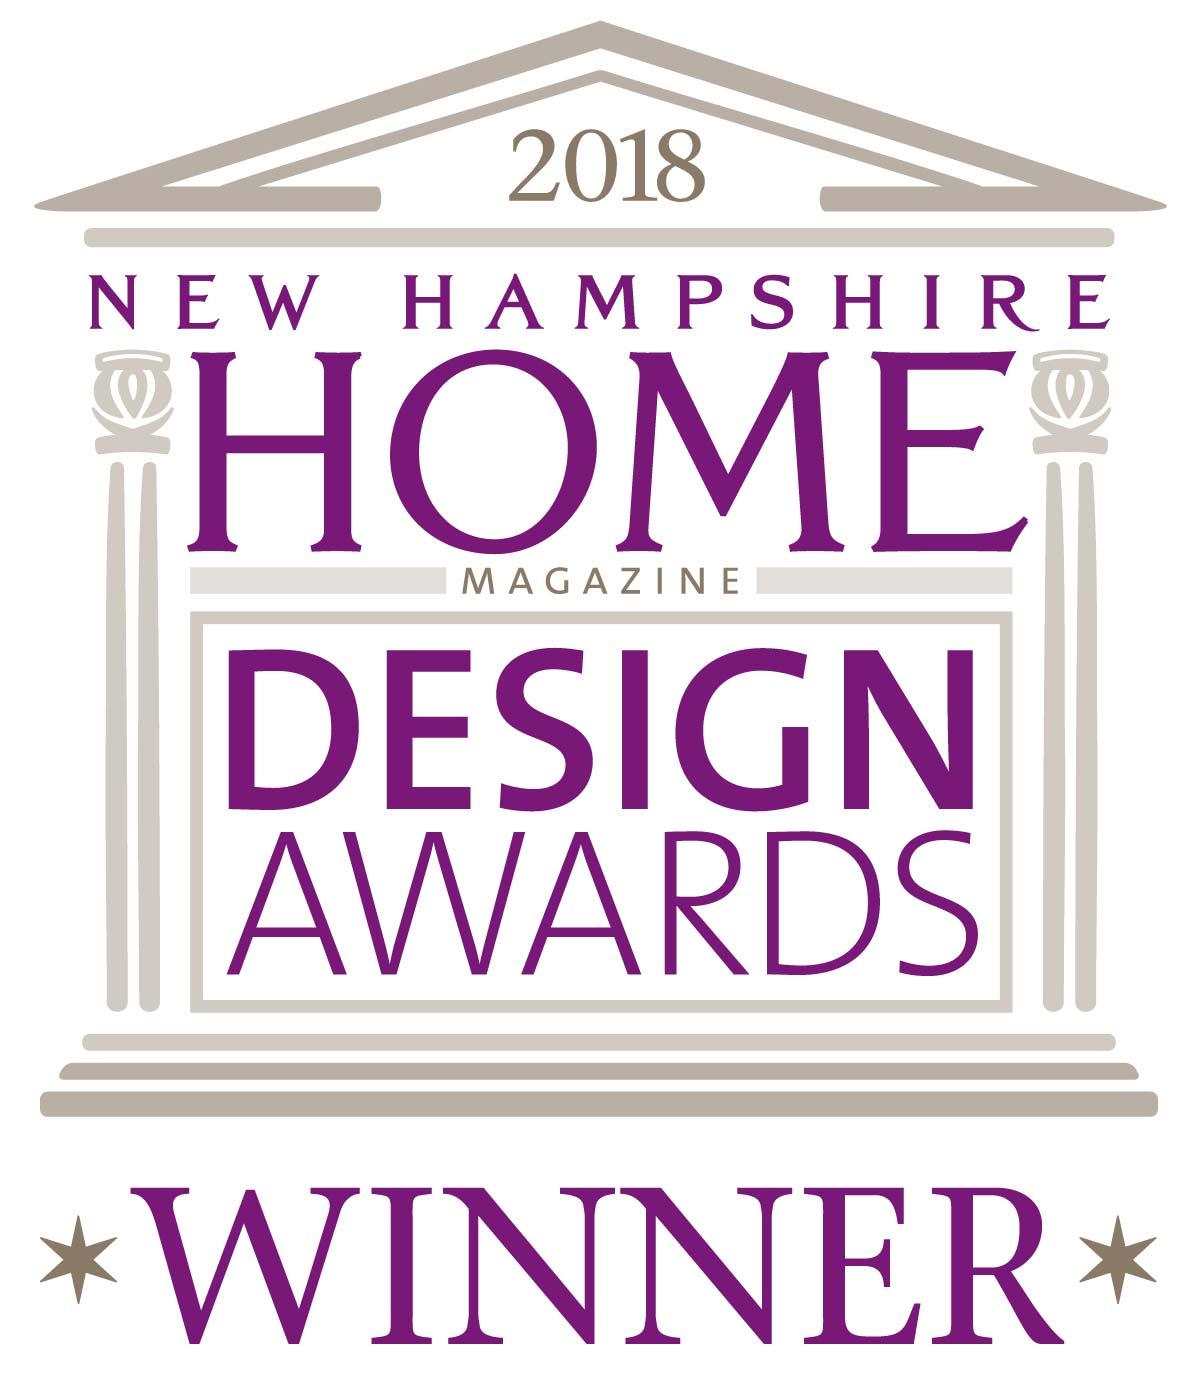 nhhome-design-awards-2018-winner